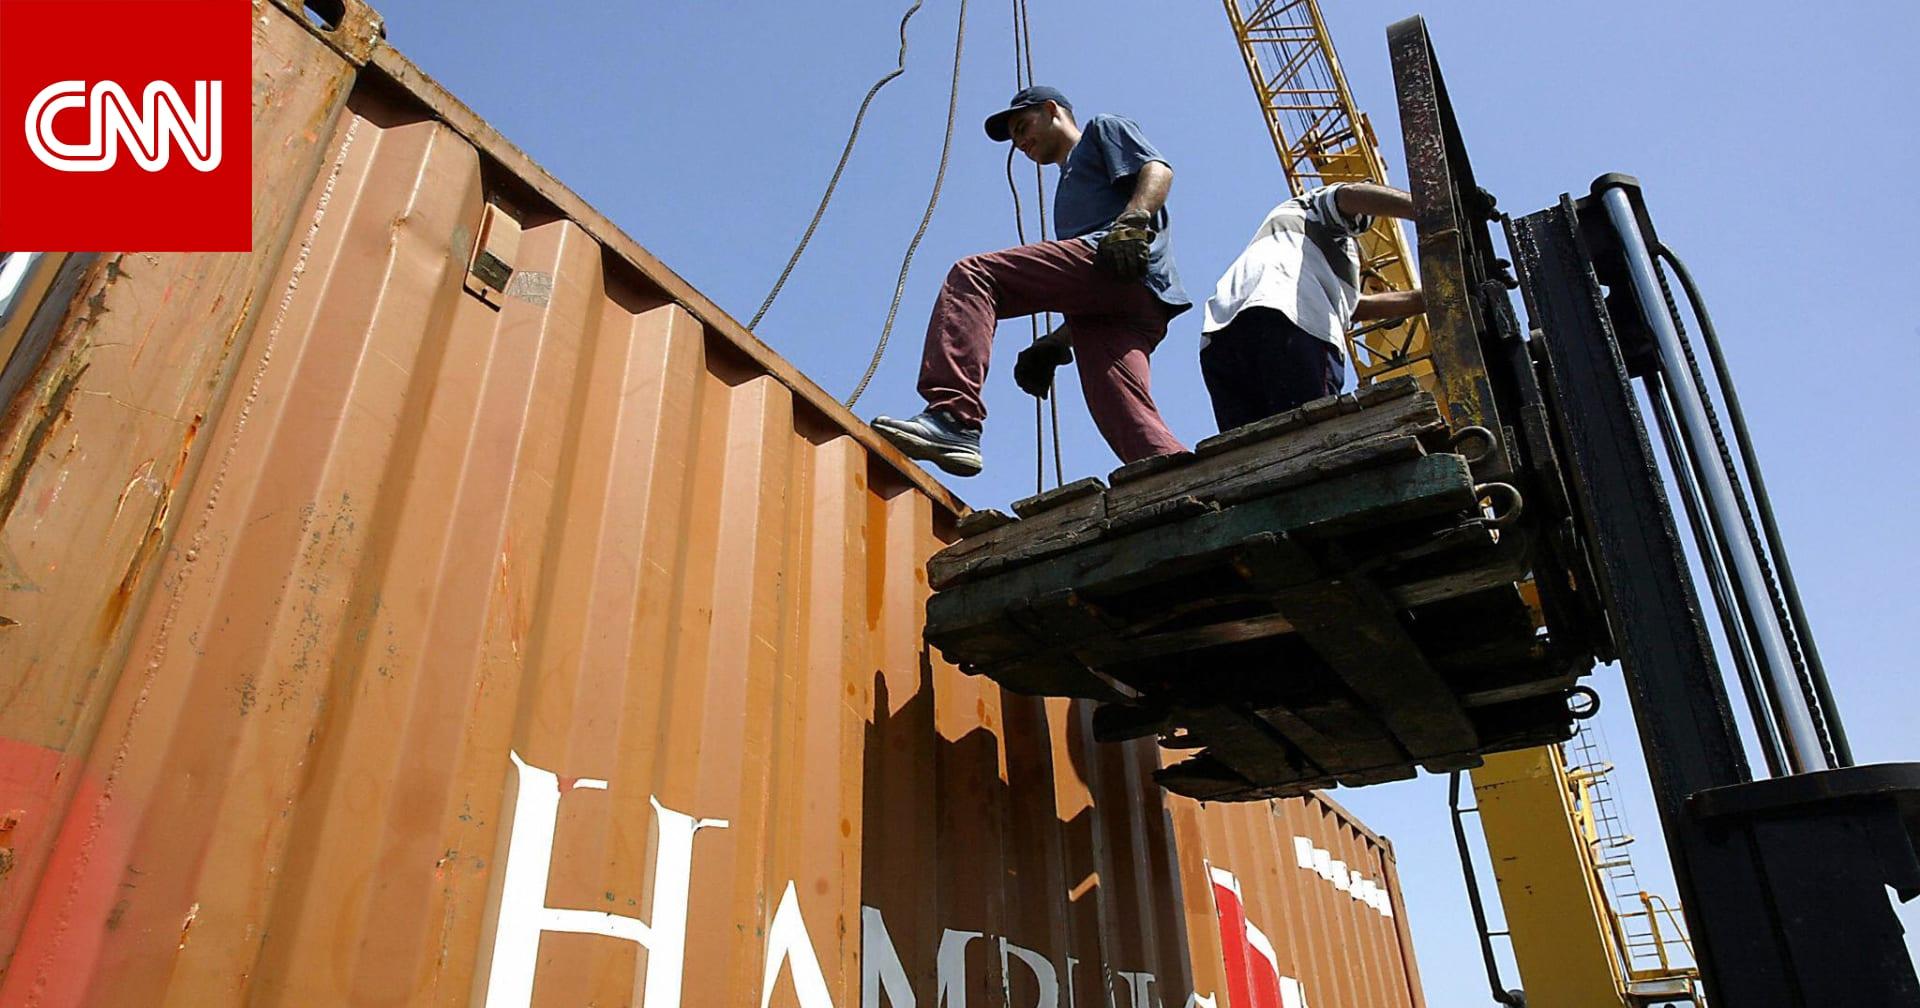 البدء بتشغيل خط بحري بين تركيا وليبيا لزيادة حجم التجارة